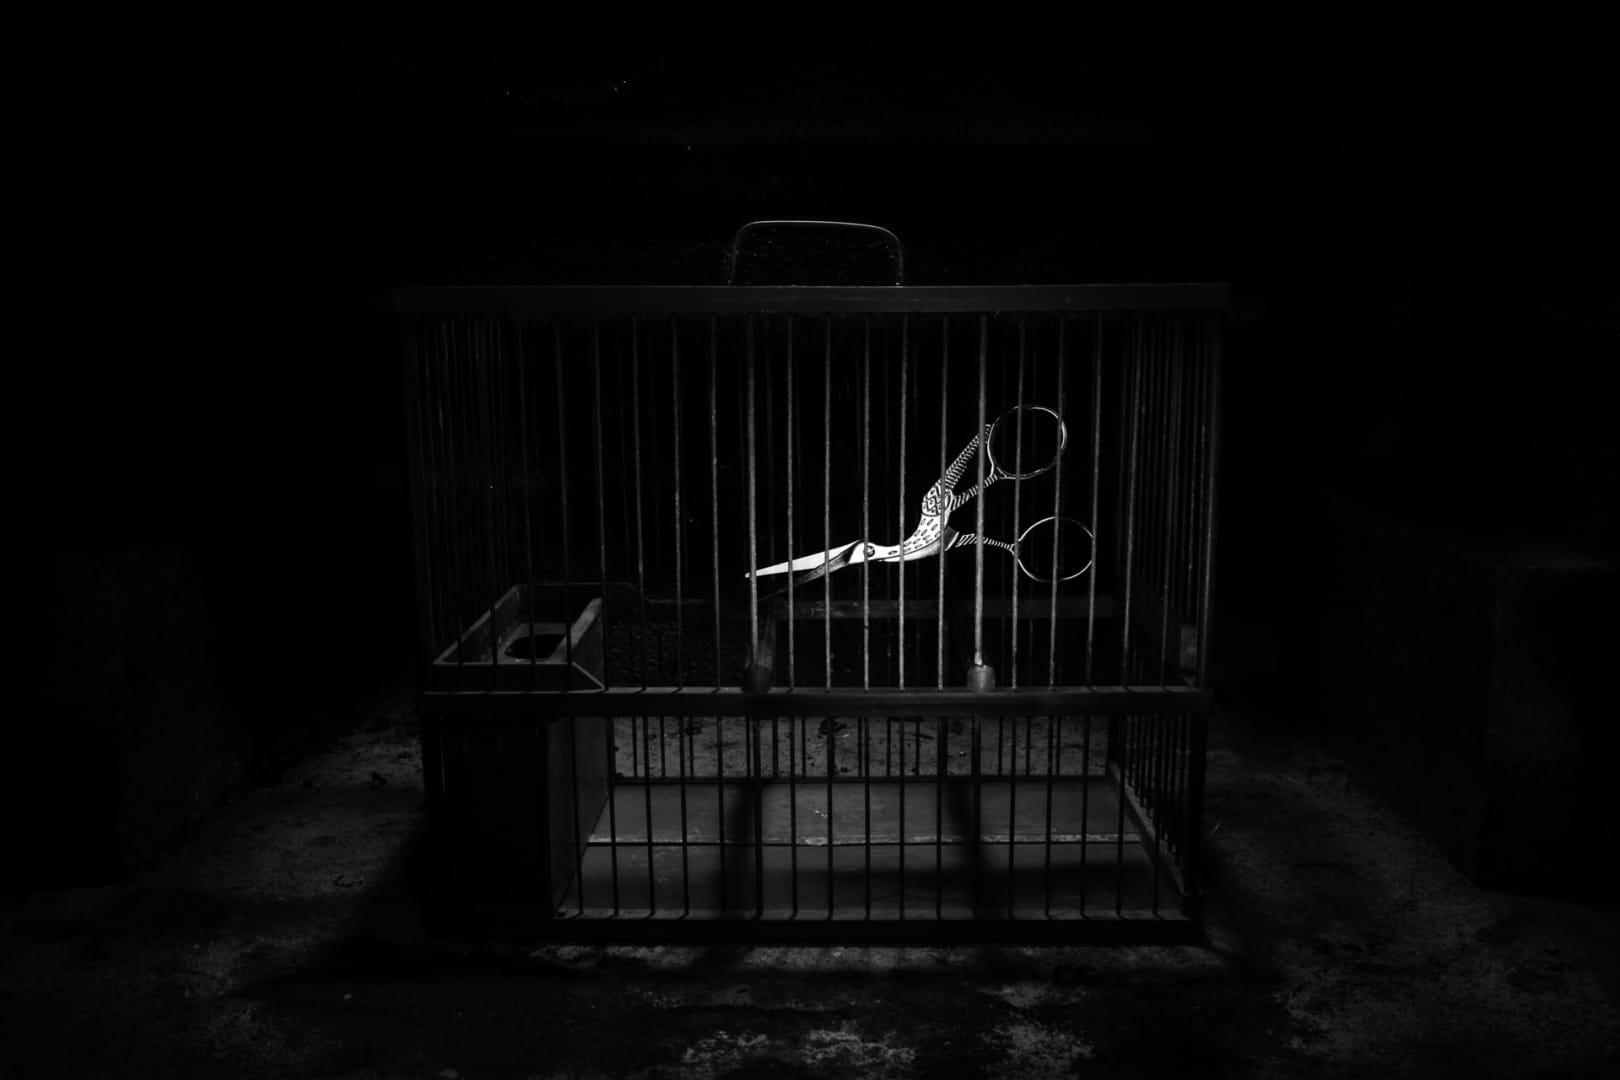 Prisionero